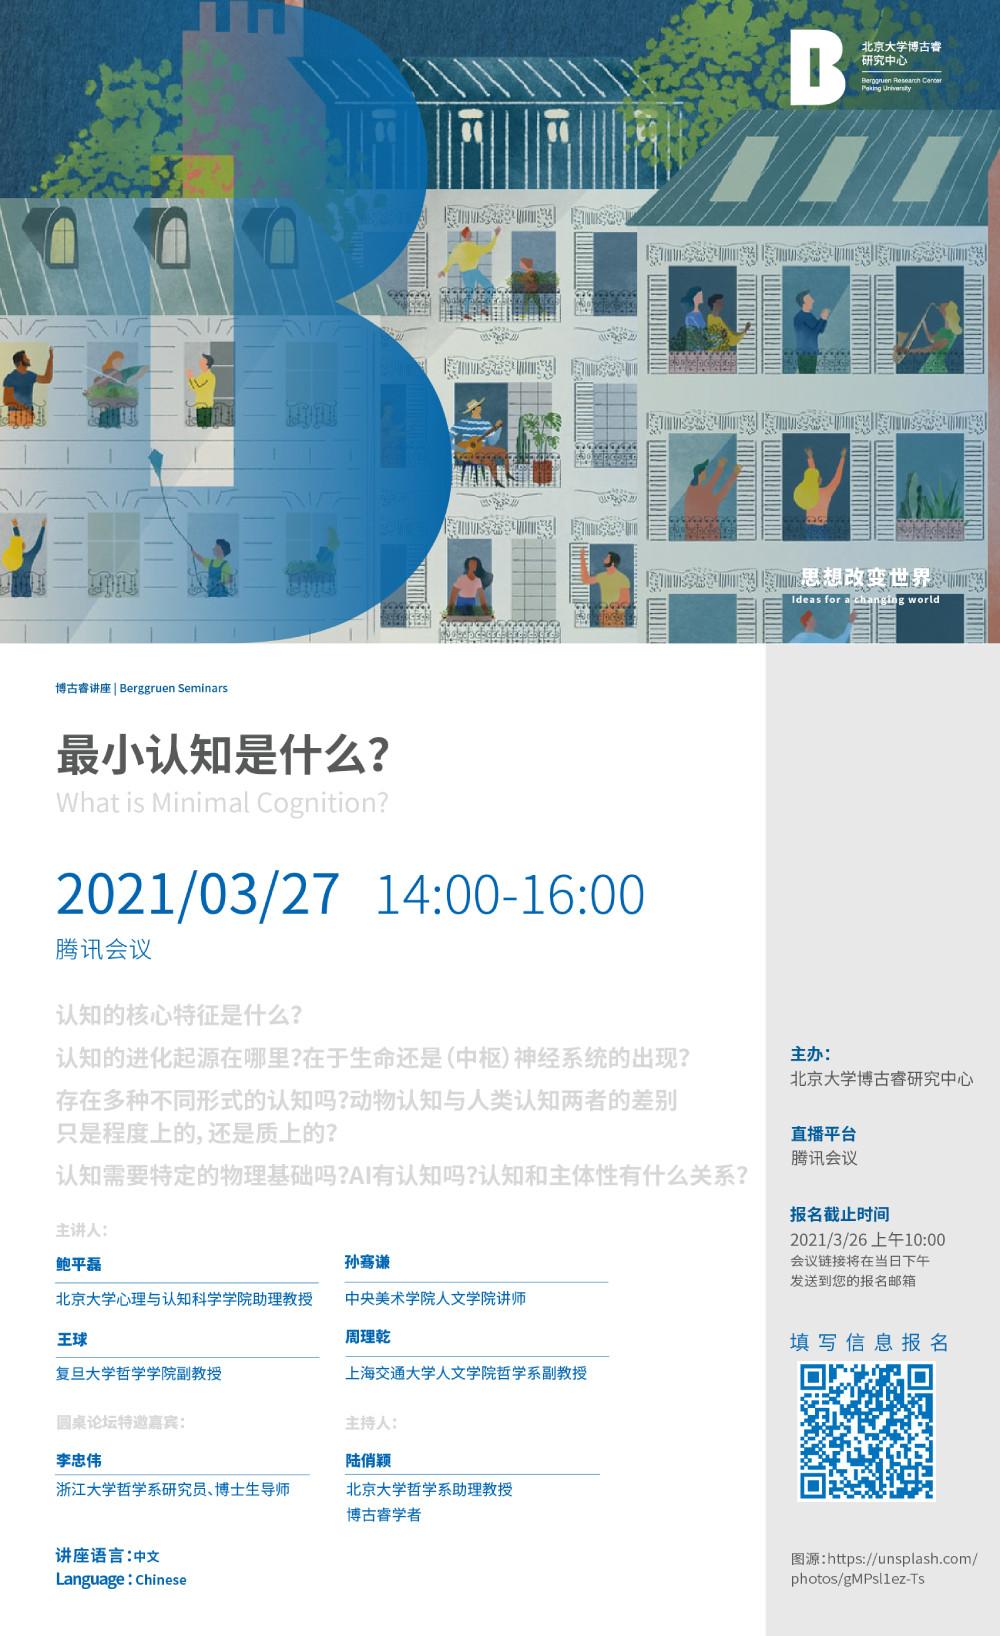 中文海报-90.jpg